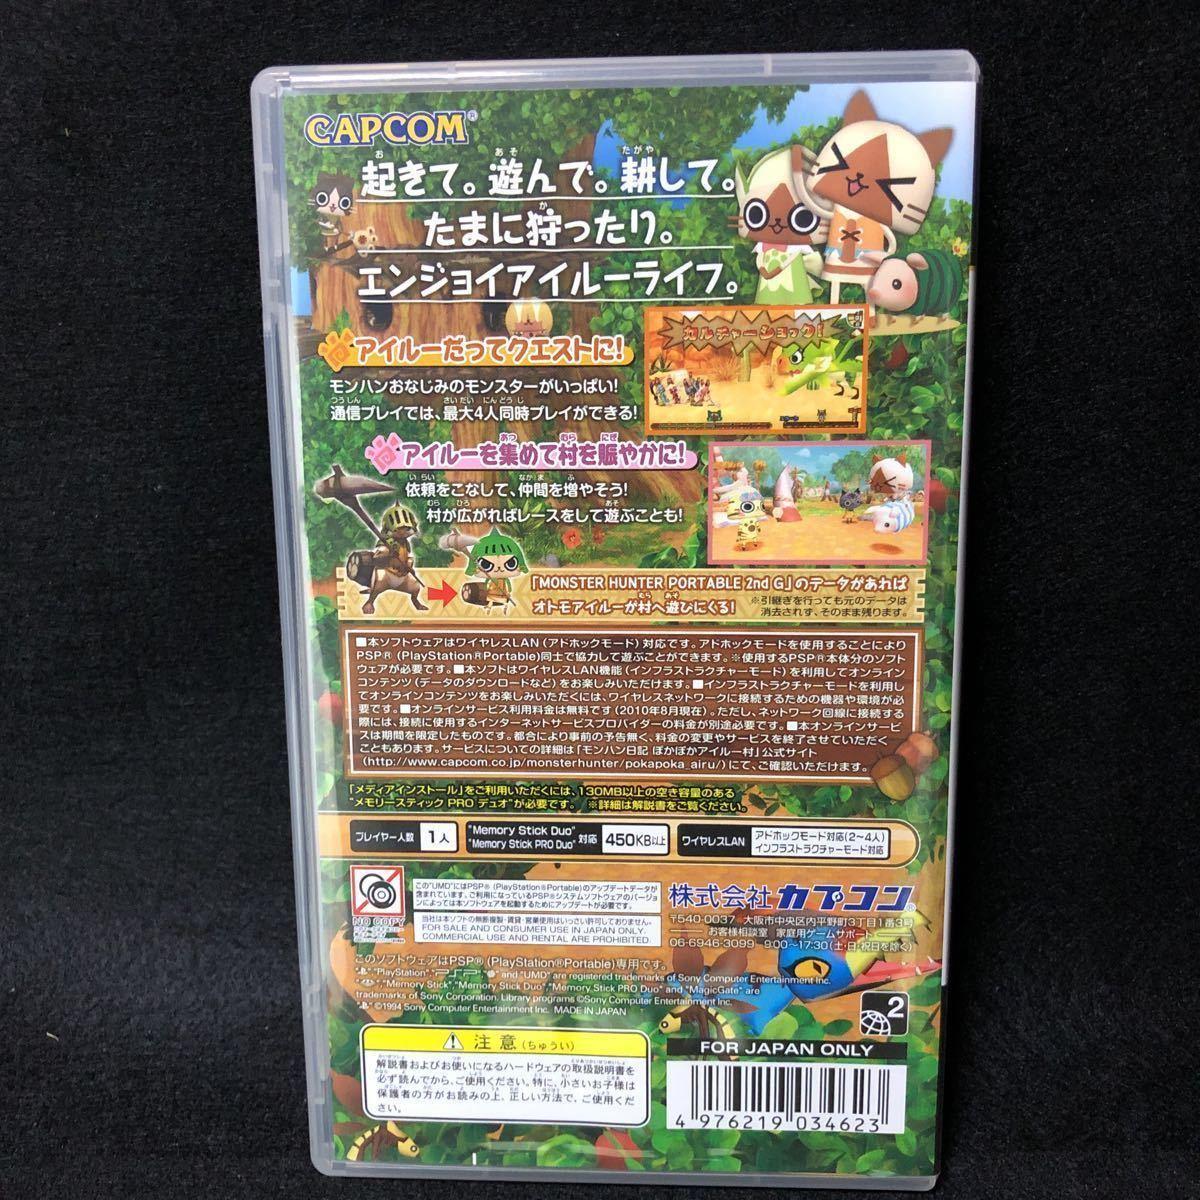 モンハン日記 ぽかぽかアイルー村 PSP プレイステーションポータブル